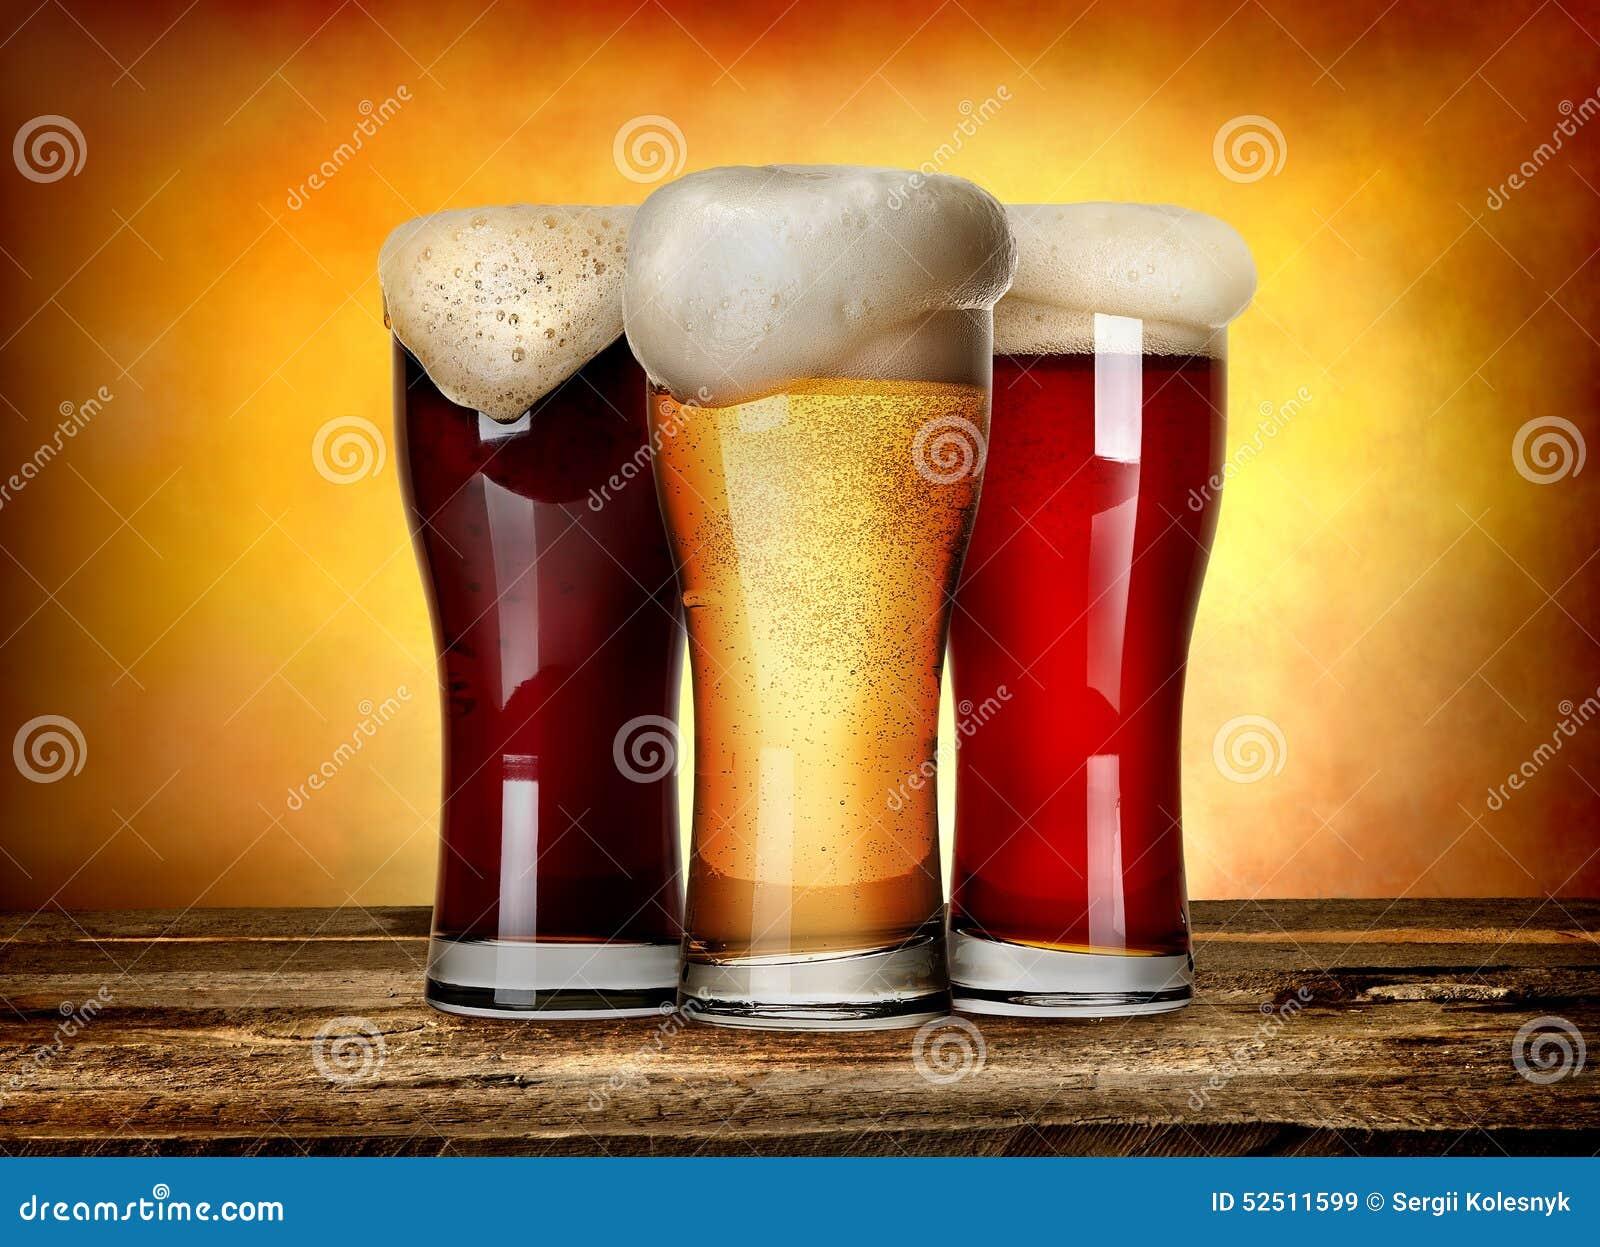 3 вида пива